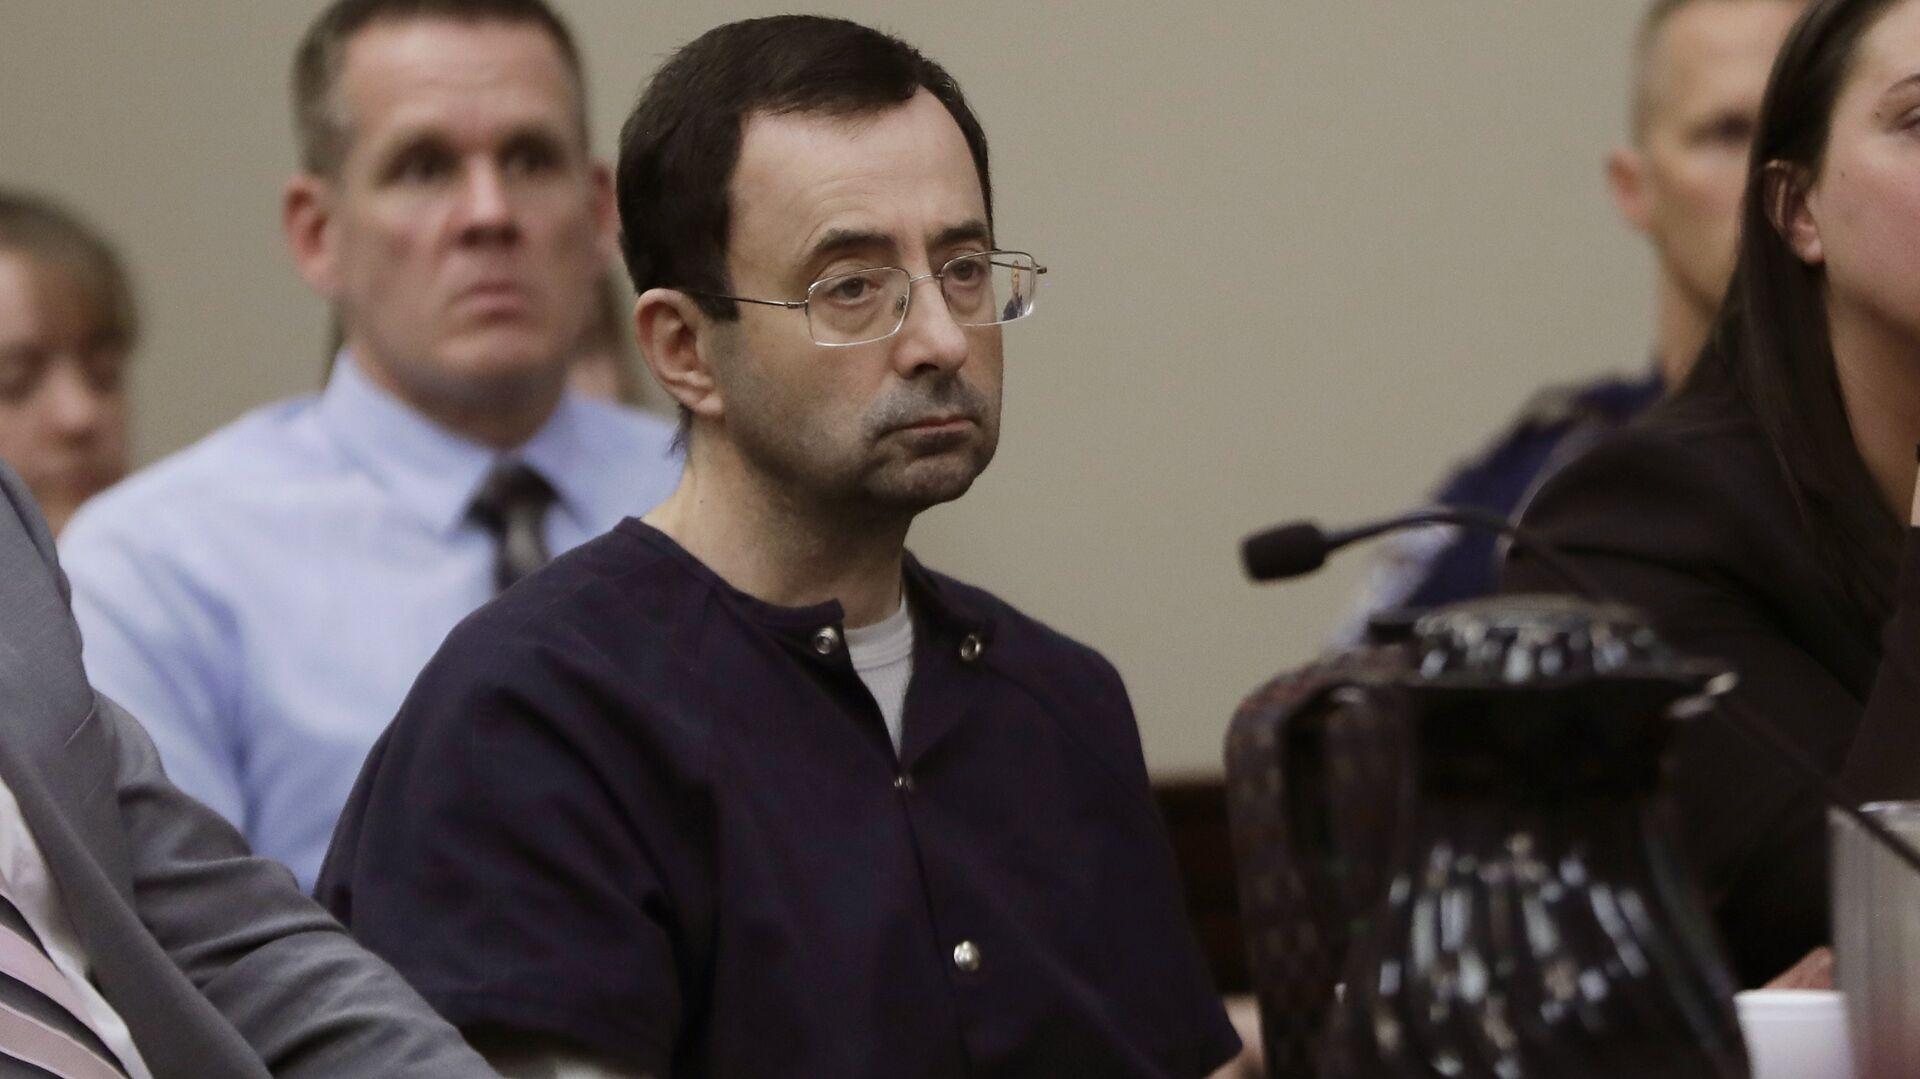 Larry Nassar sits during his sentencing hearing Wednesday, Jan. 24, 2018, in Lansing, Mich. - Sputnik International, 1920, 16.09.2021